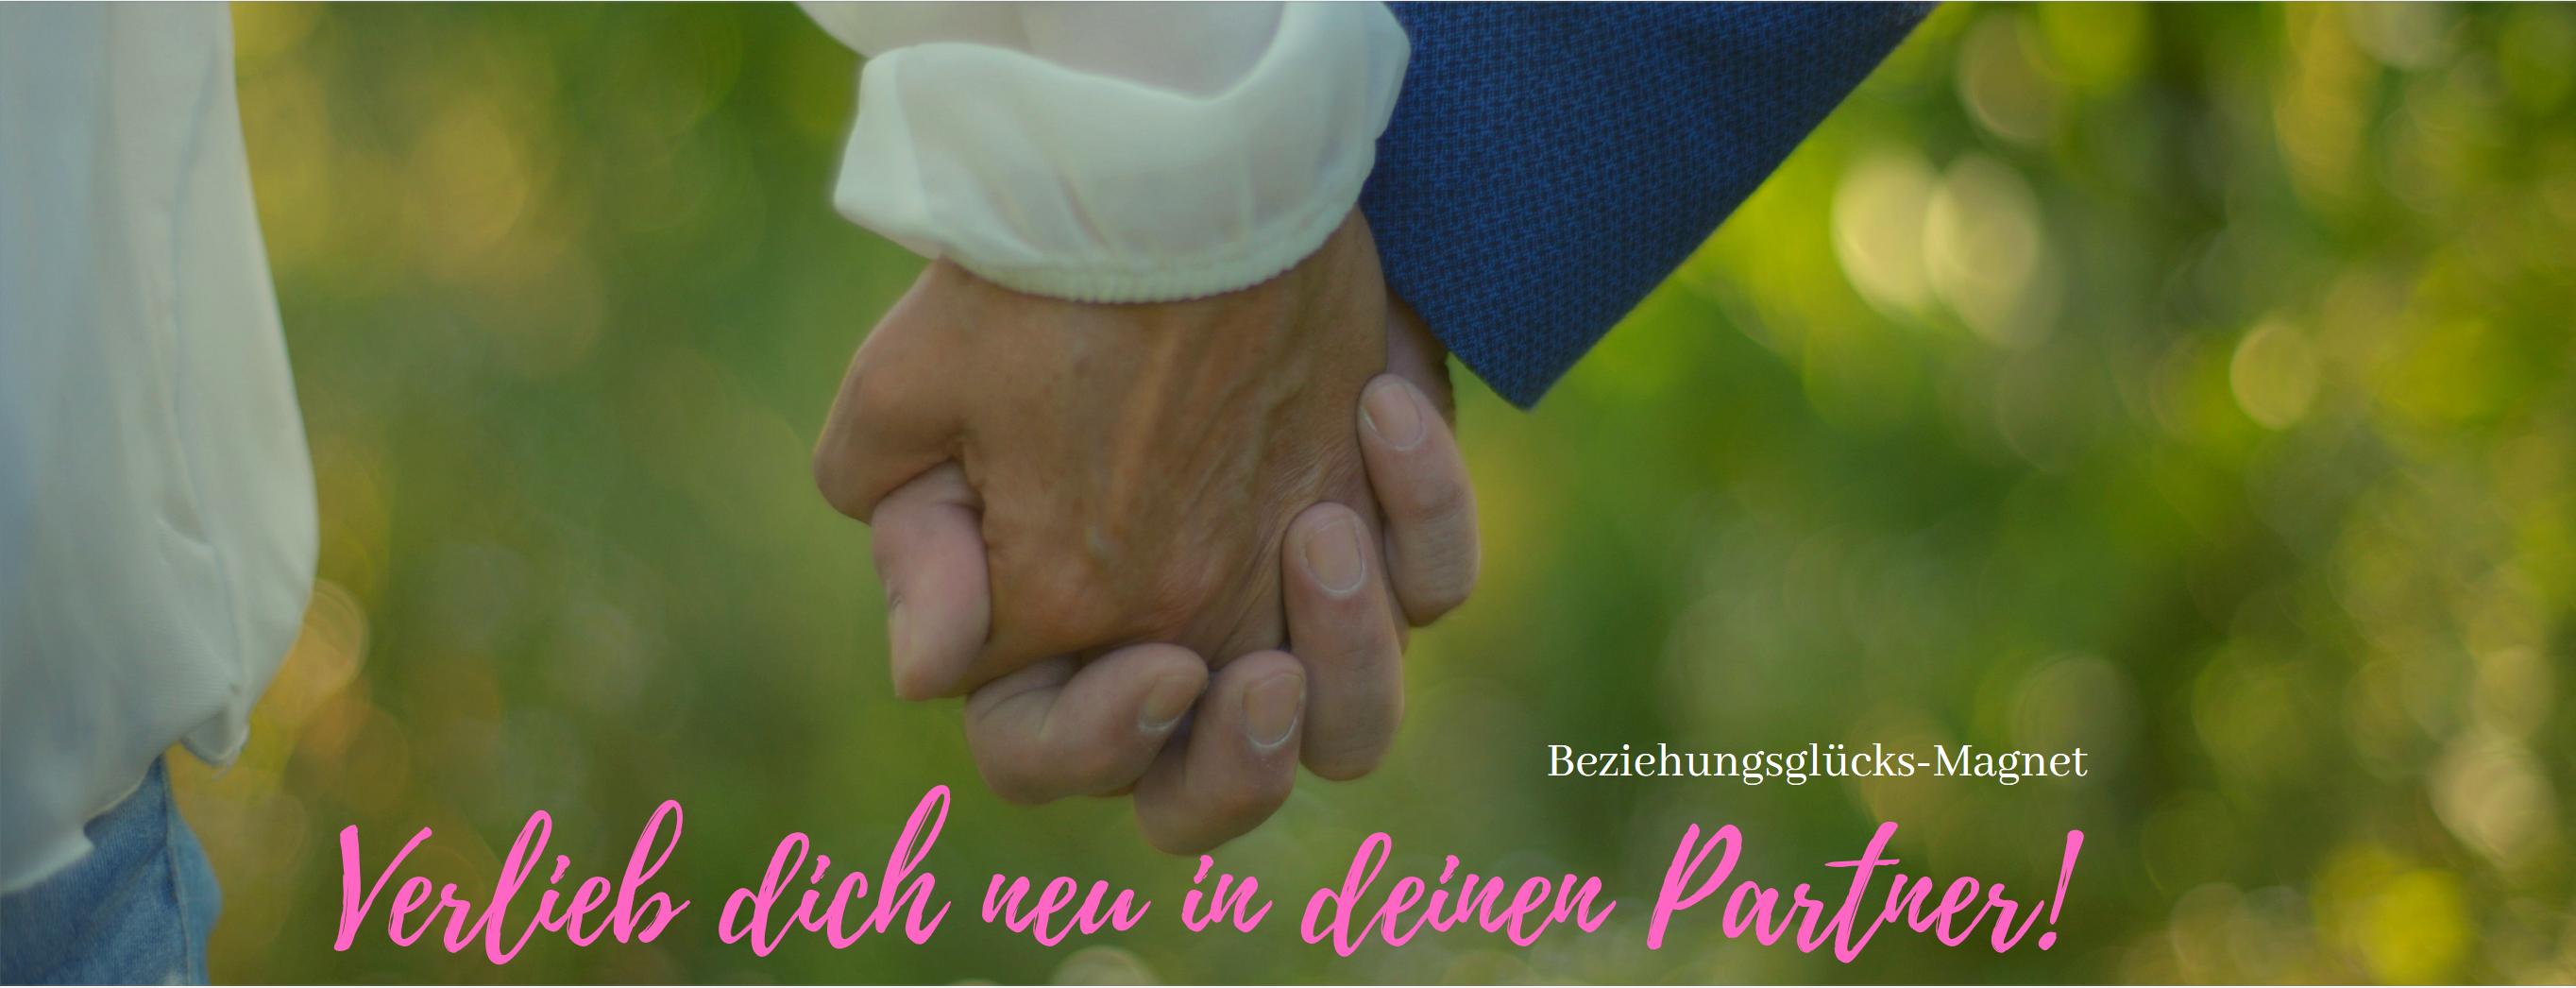 verlieb-dich-neu2.png